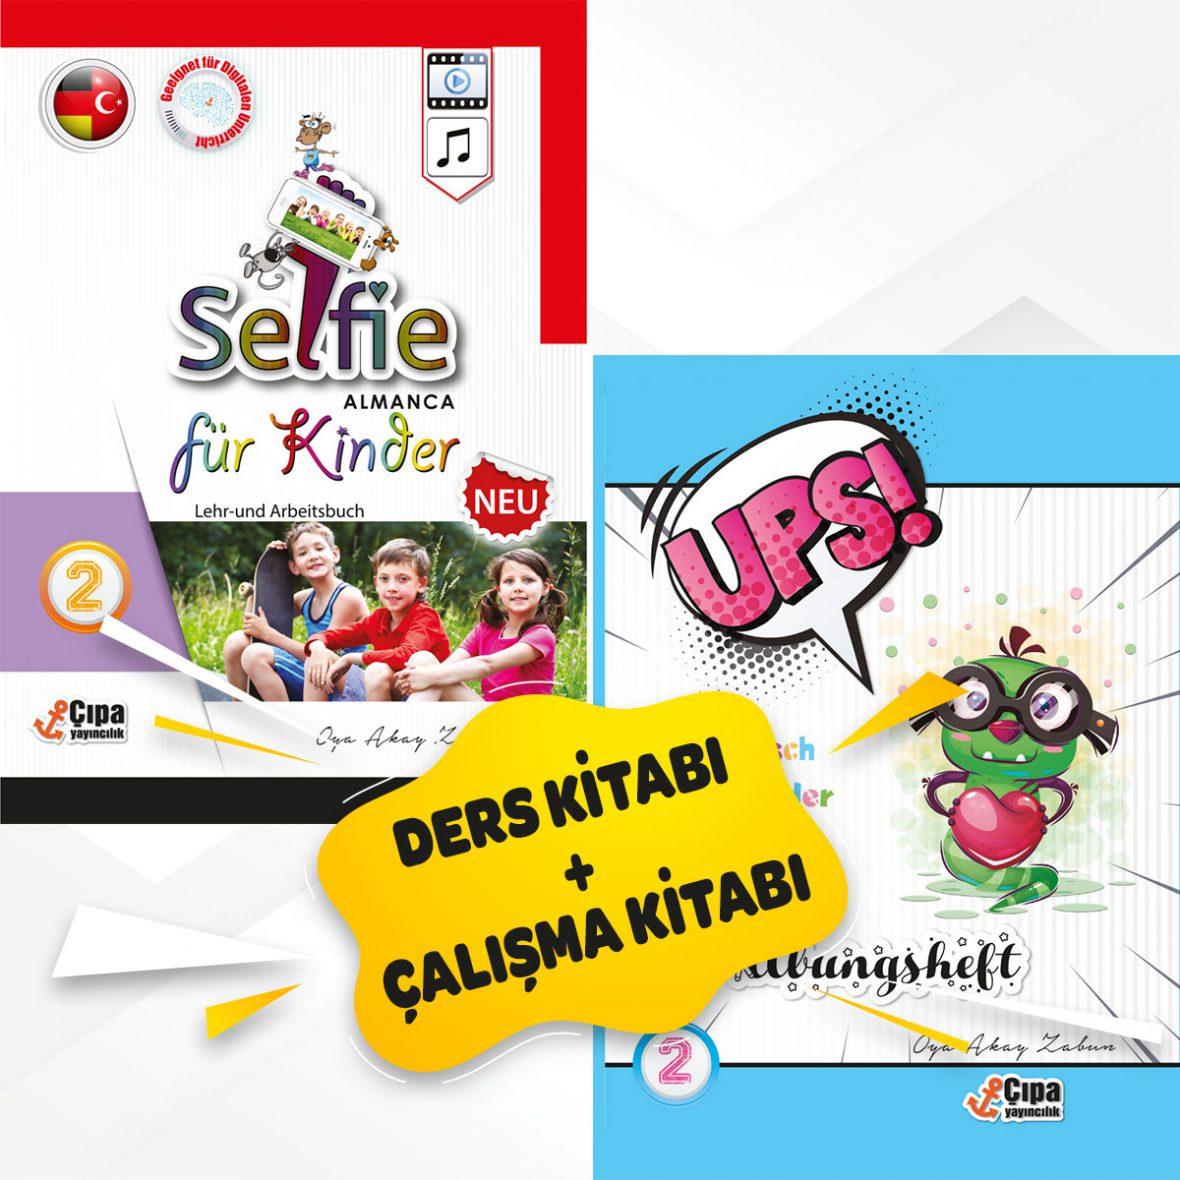 Selfie Almanca Für Kinder 2 Neu + Ups! 2